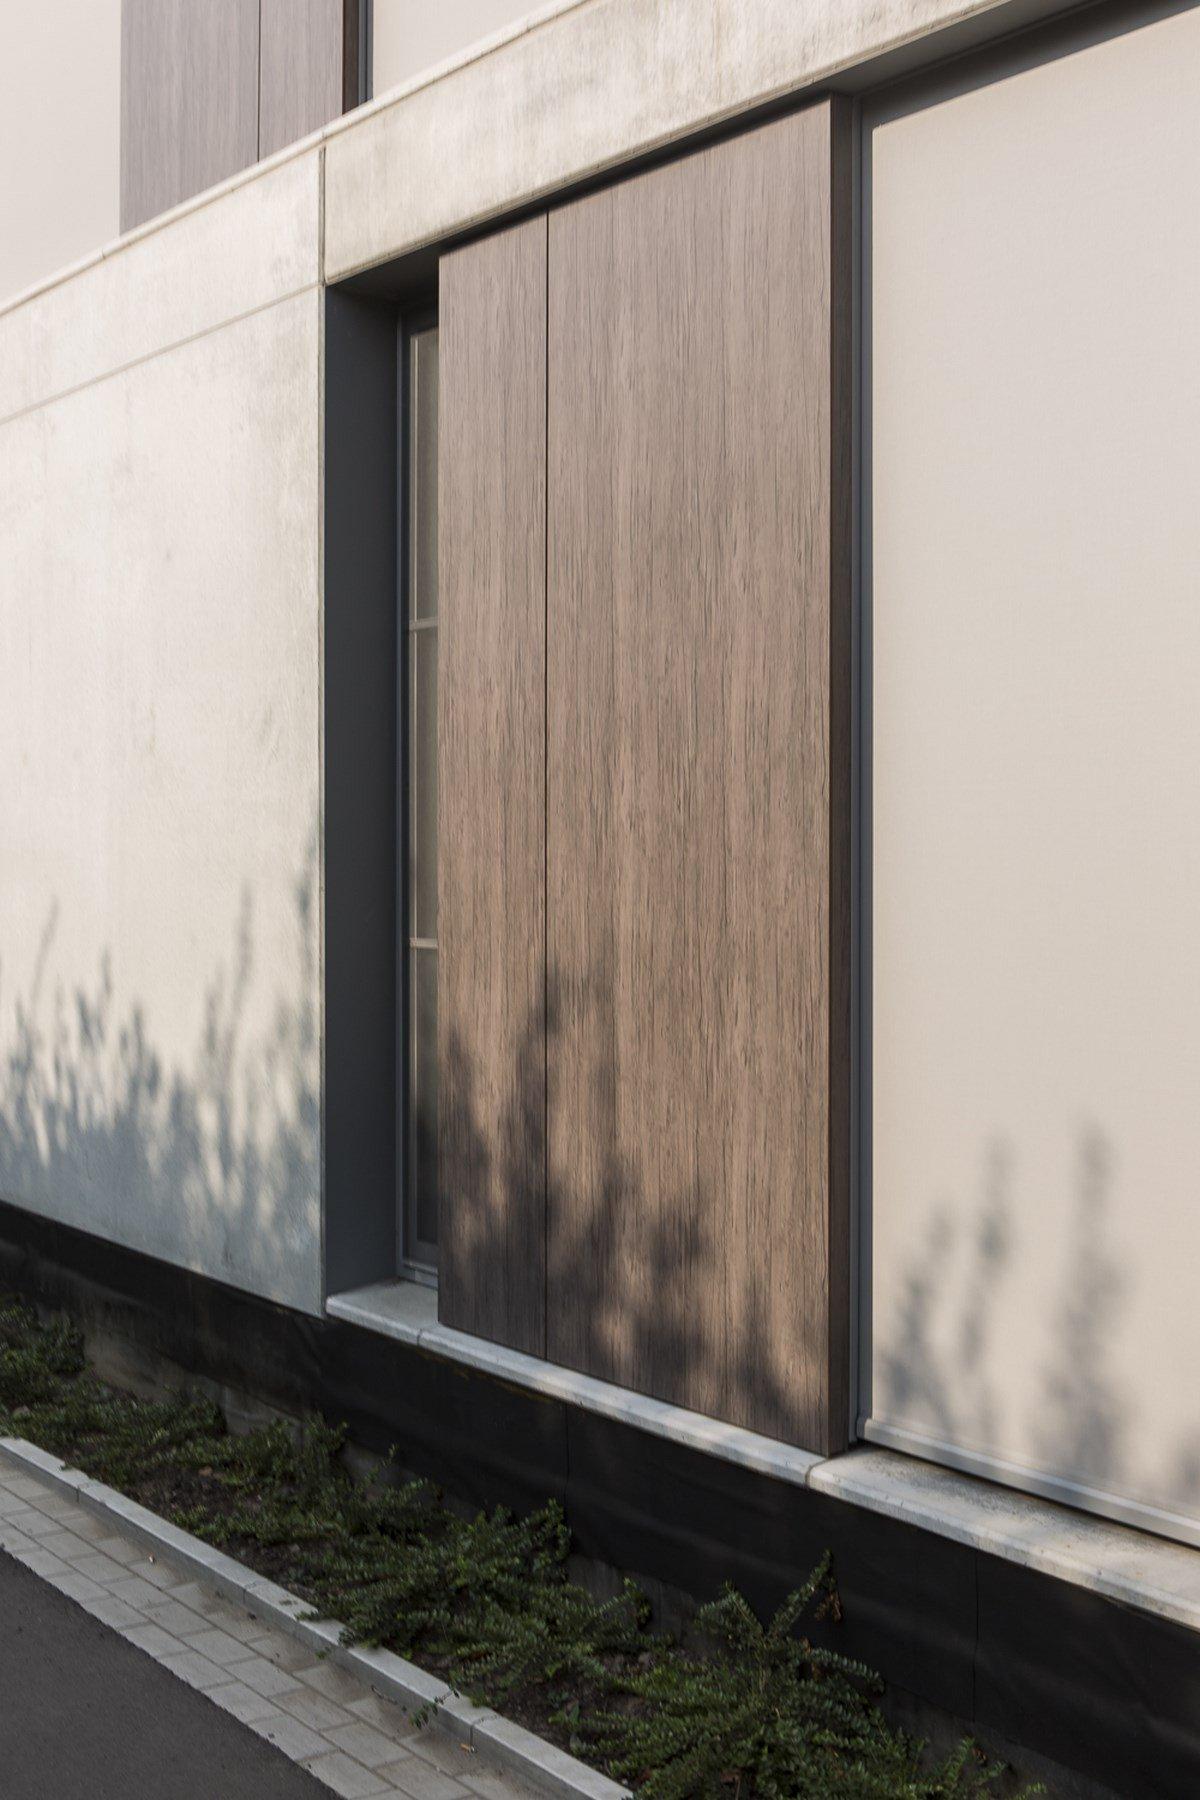 Vereninging_ons_tehuis_Ieper_openbare_aanbesteding_nieuwbouwproject (22)